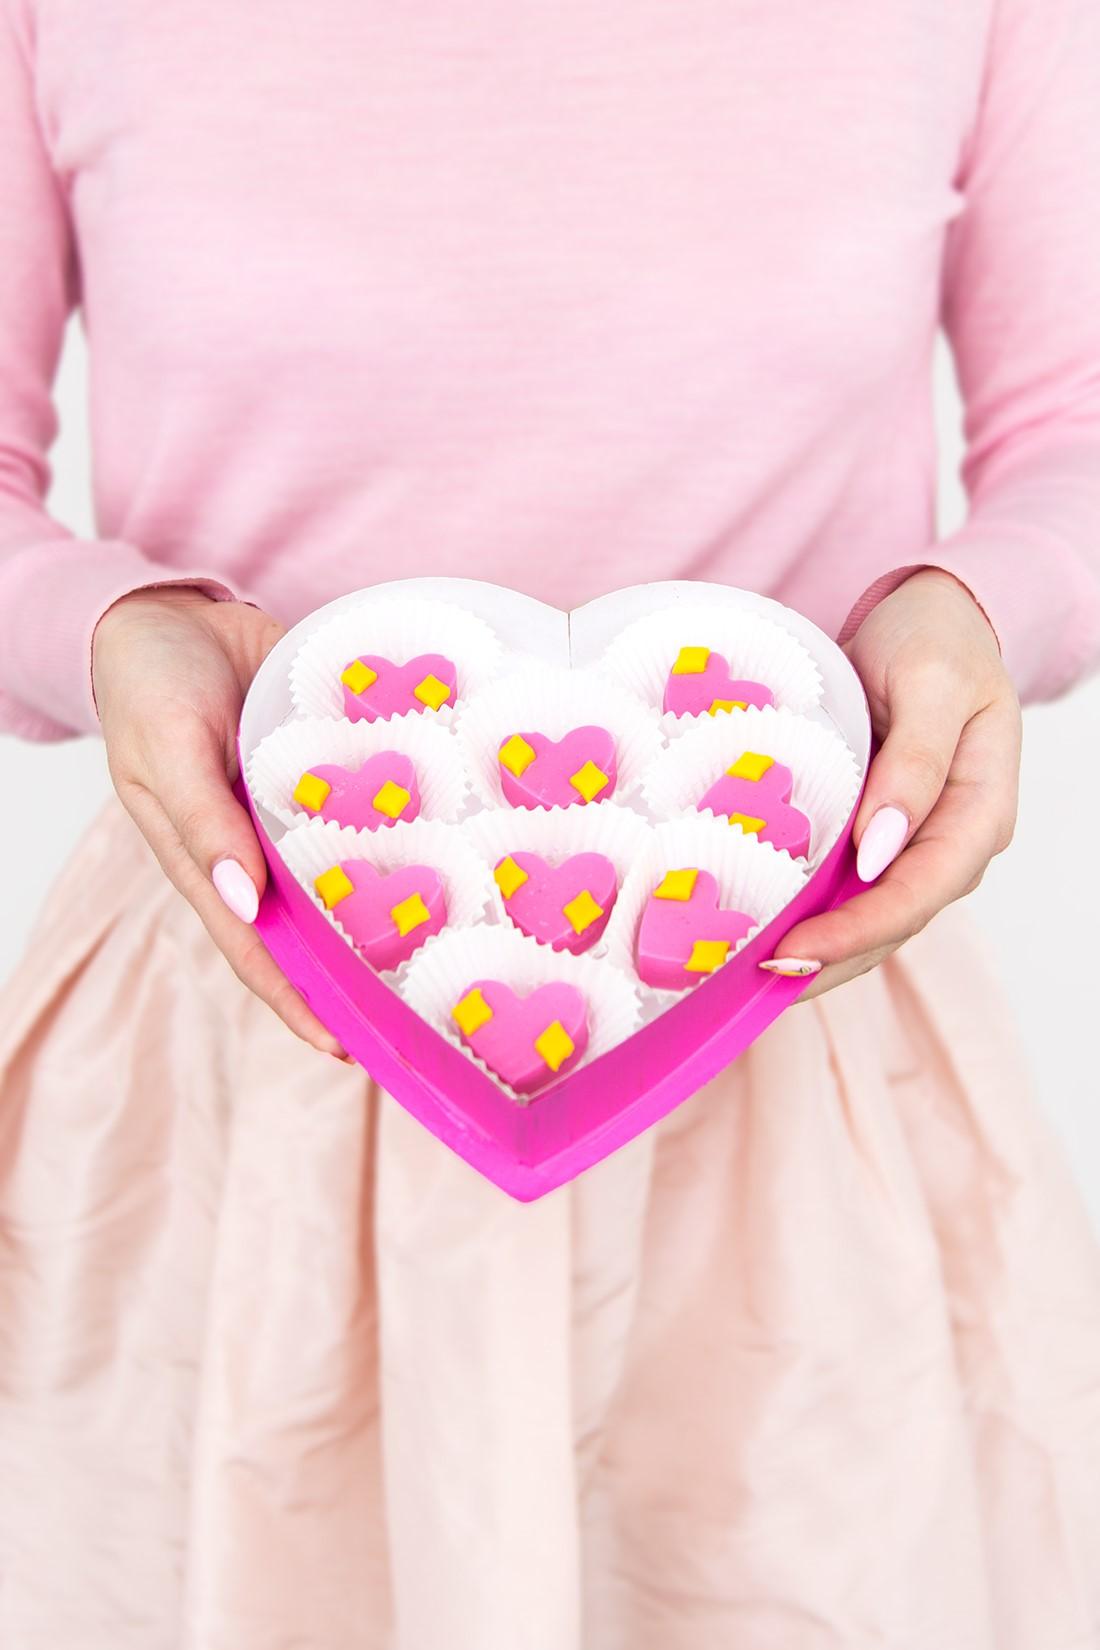 Boîte de chocolat en forme de coeur pour la fête des amoureux.